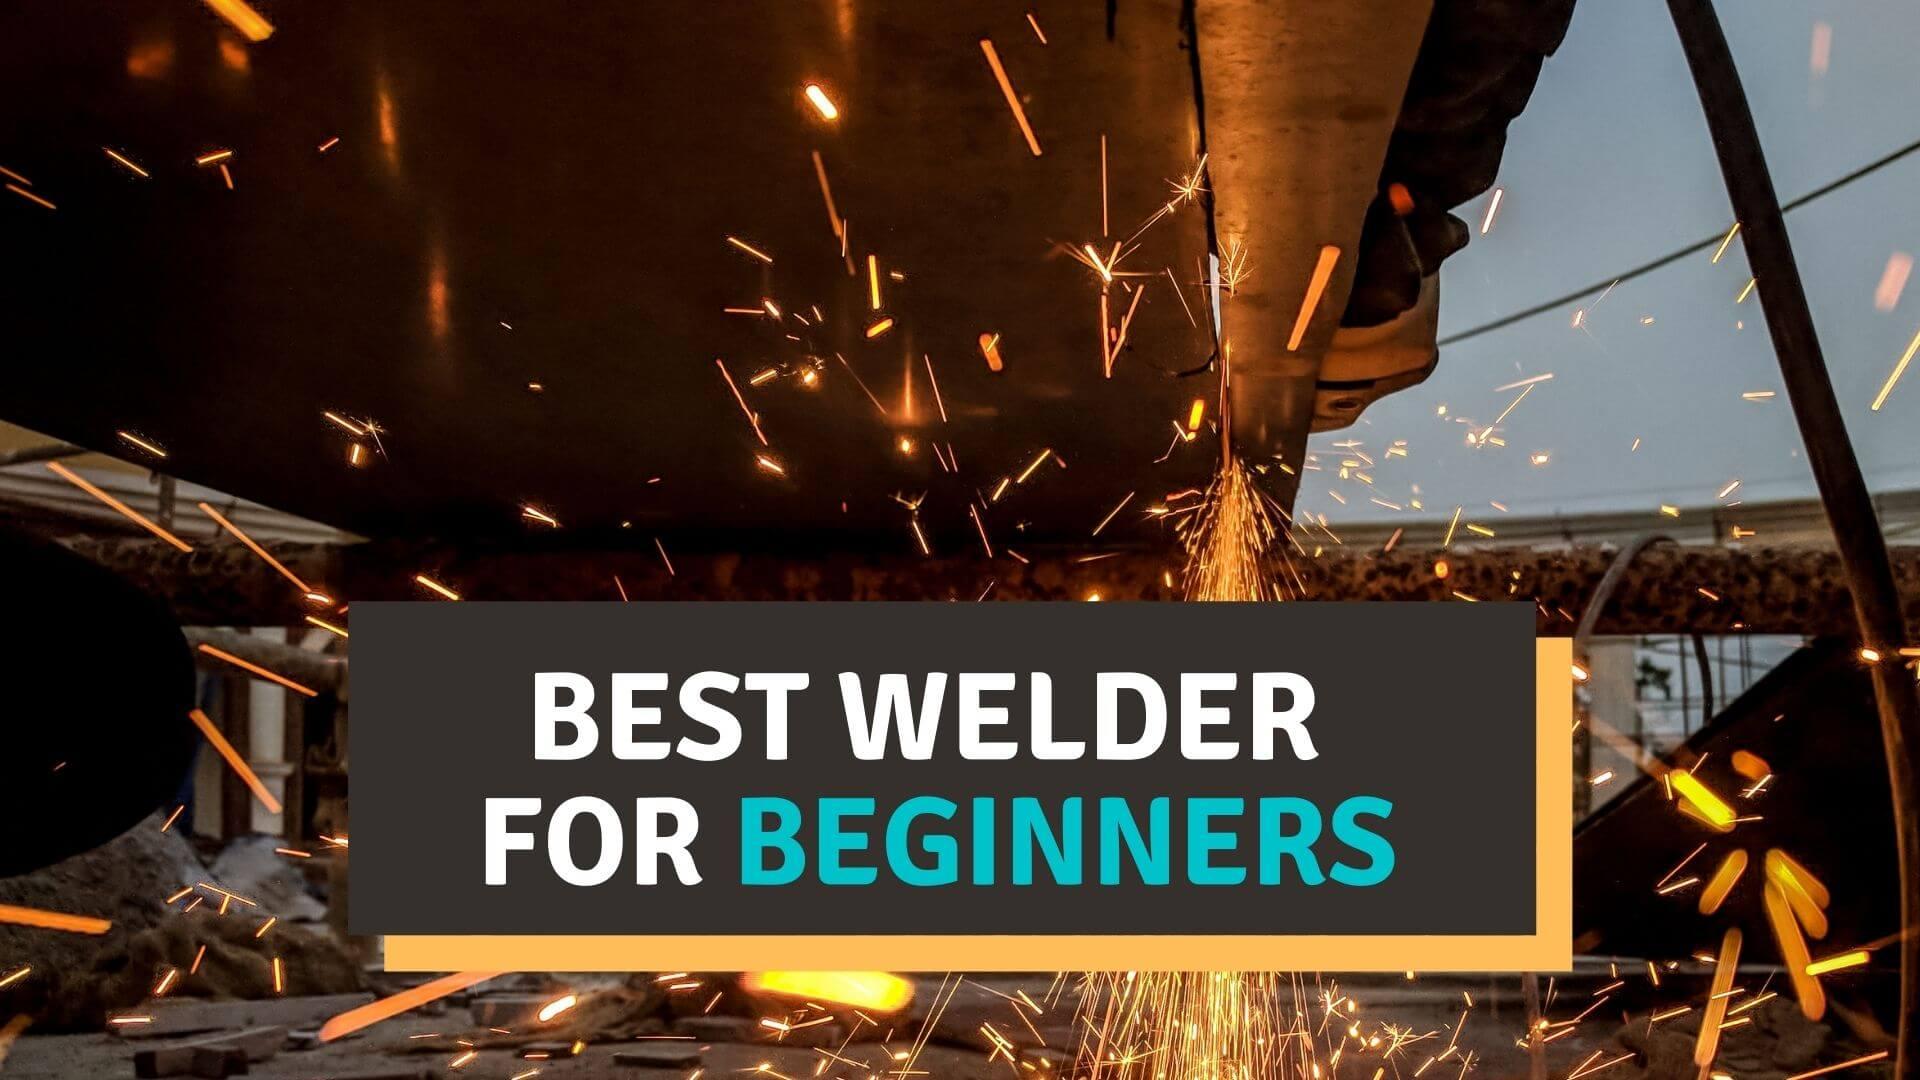 Best welder for beginner